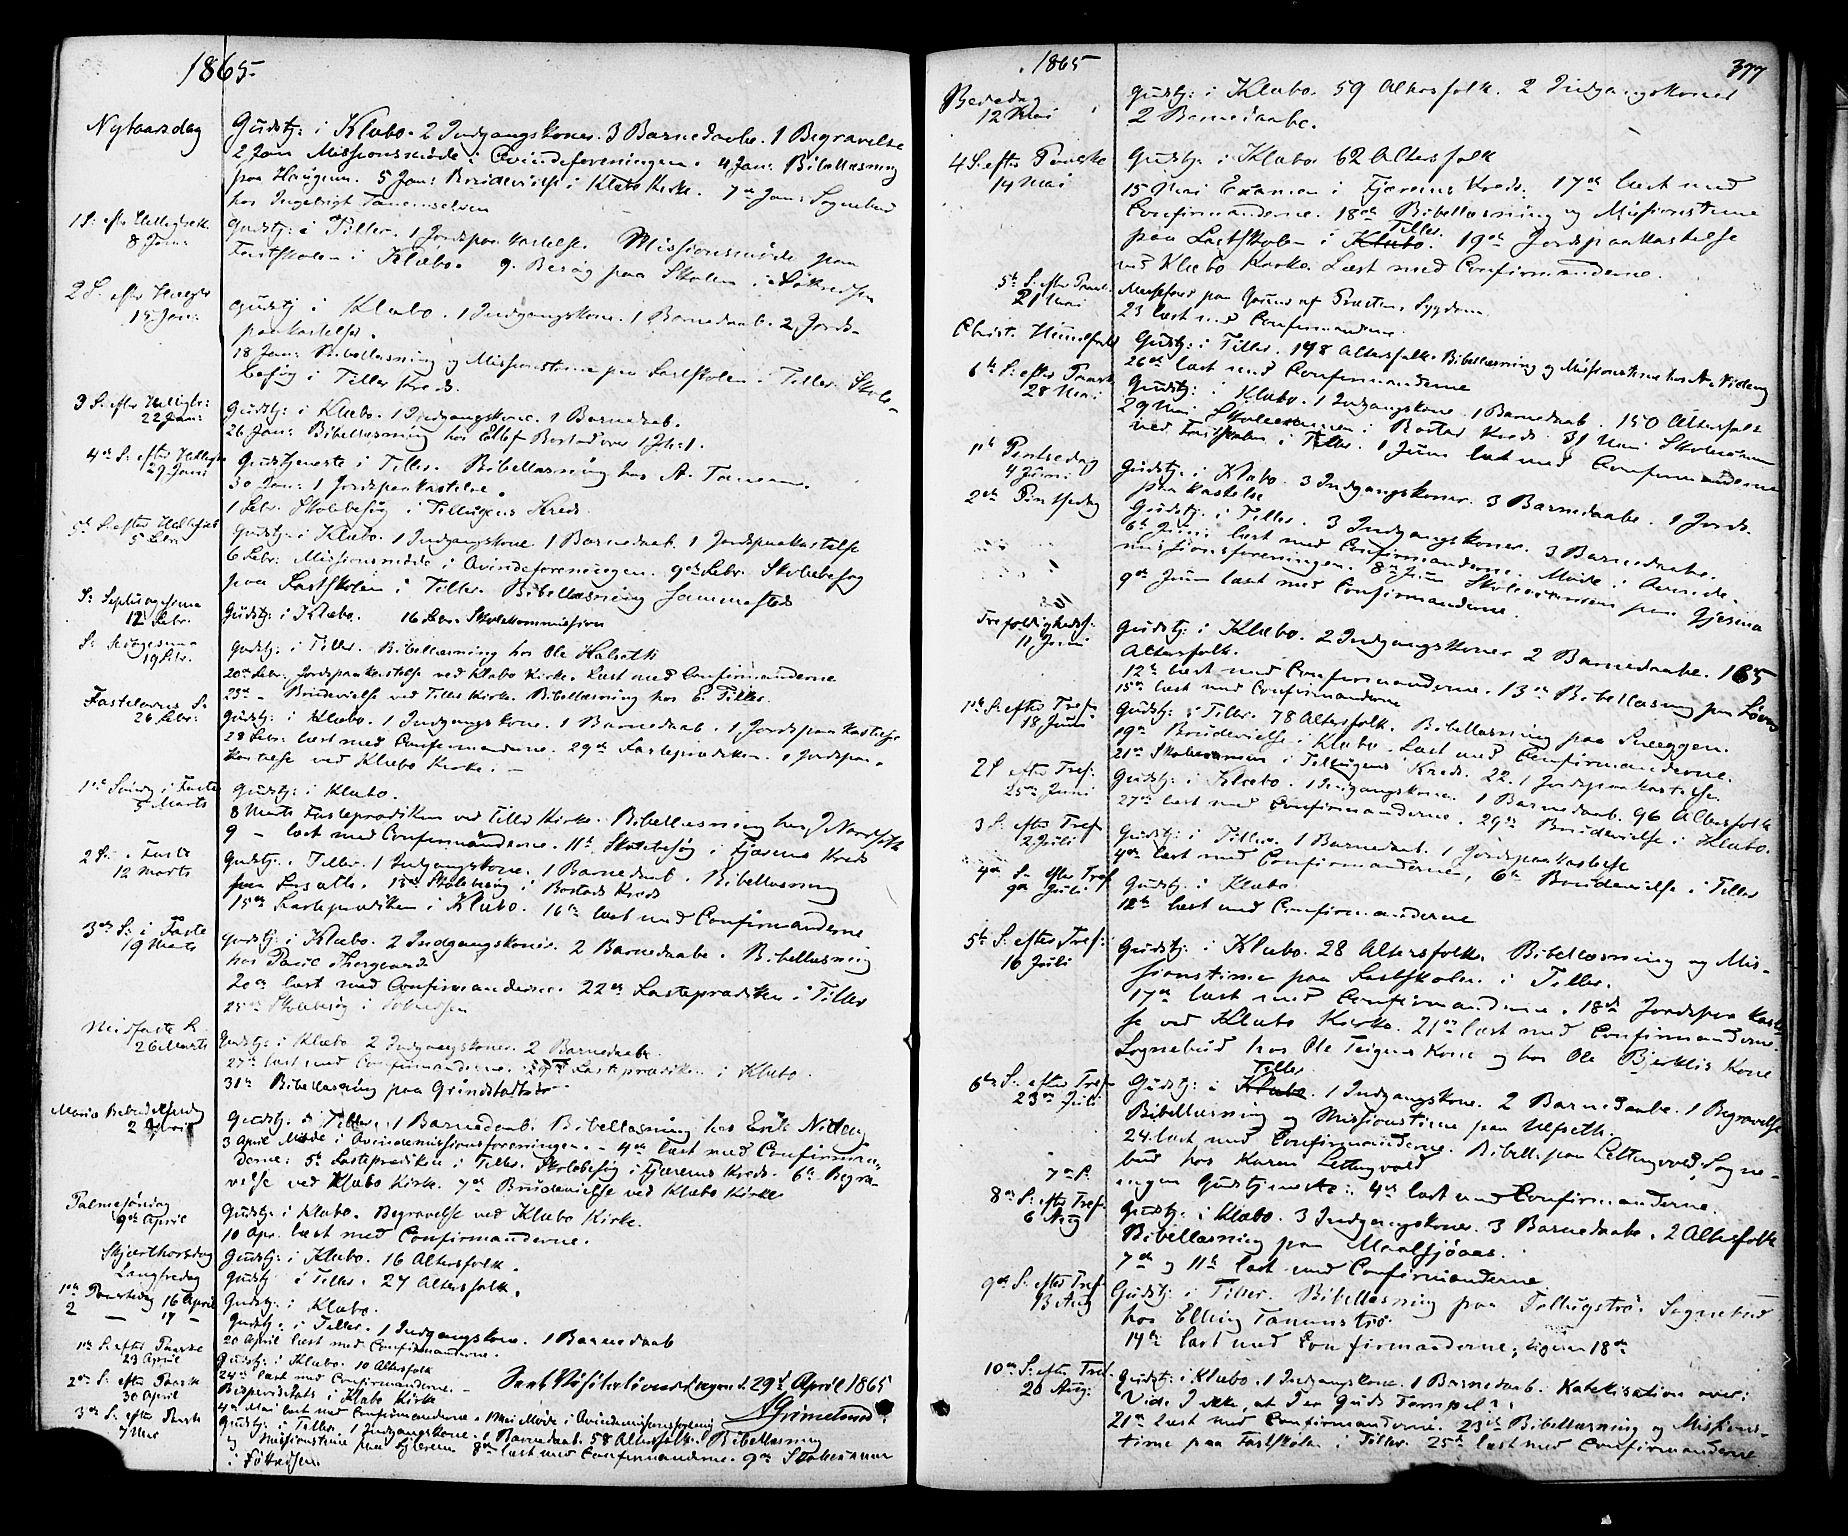 SAT, Ministerialprotokoller, klokkerbøker og fødselsregistre - Sør-Trøndelag, 618/L0442: Ministerialbok nr. 618A06 /1, 1863-1879, s. 377